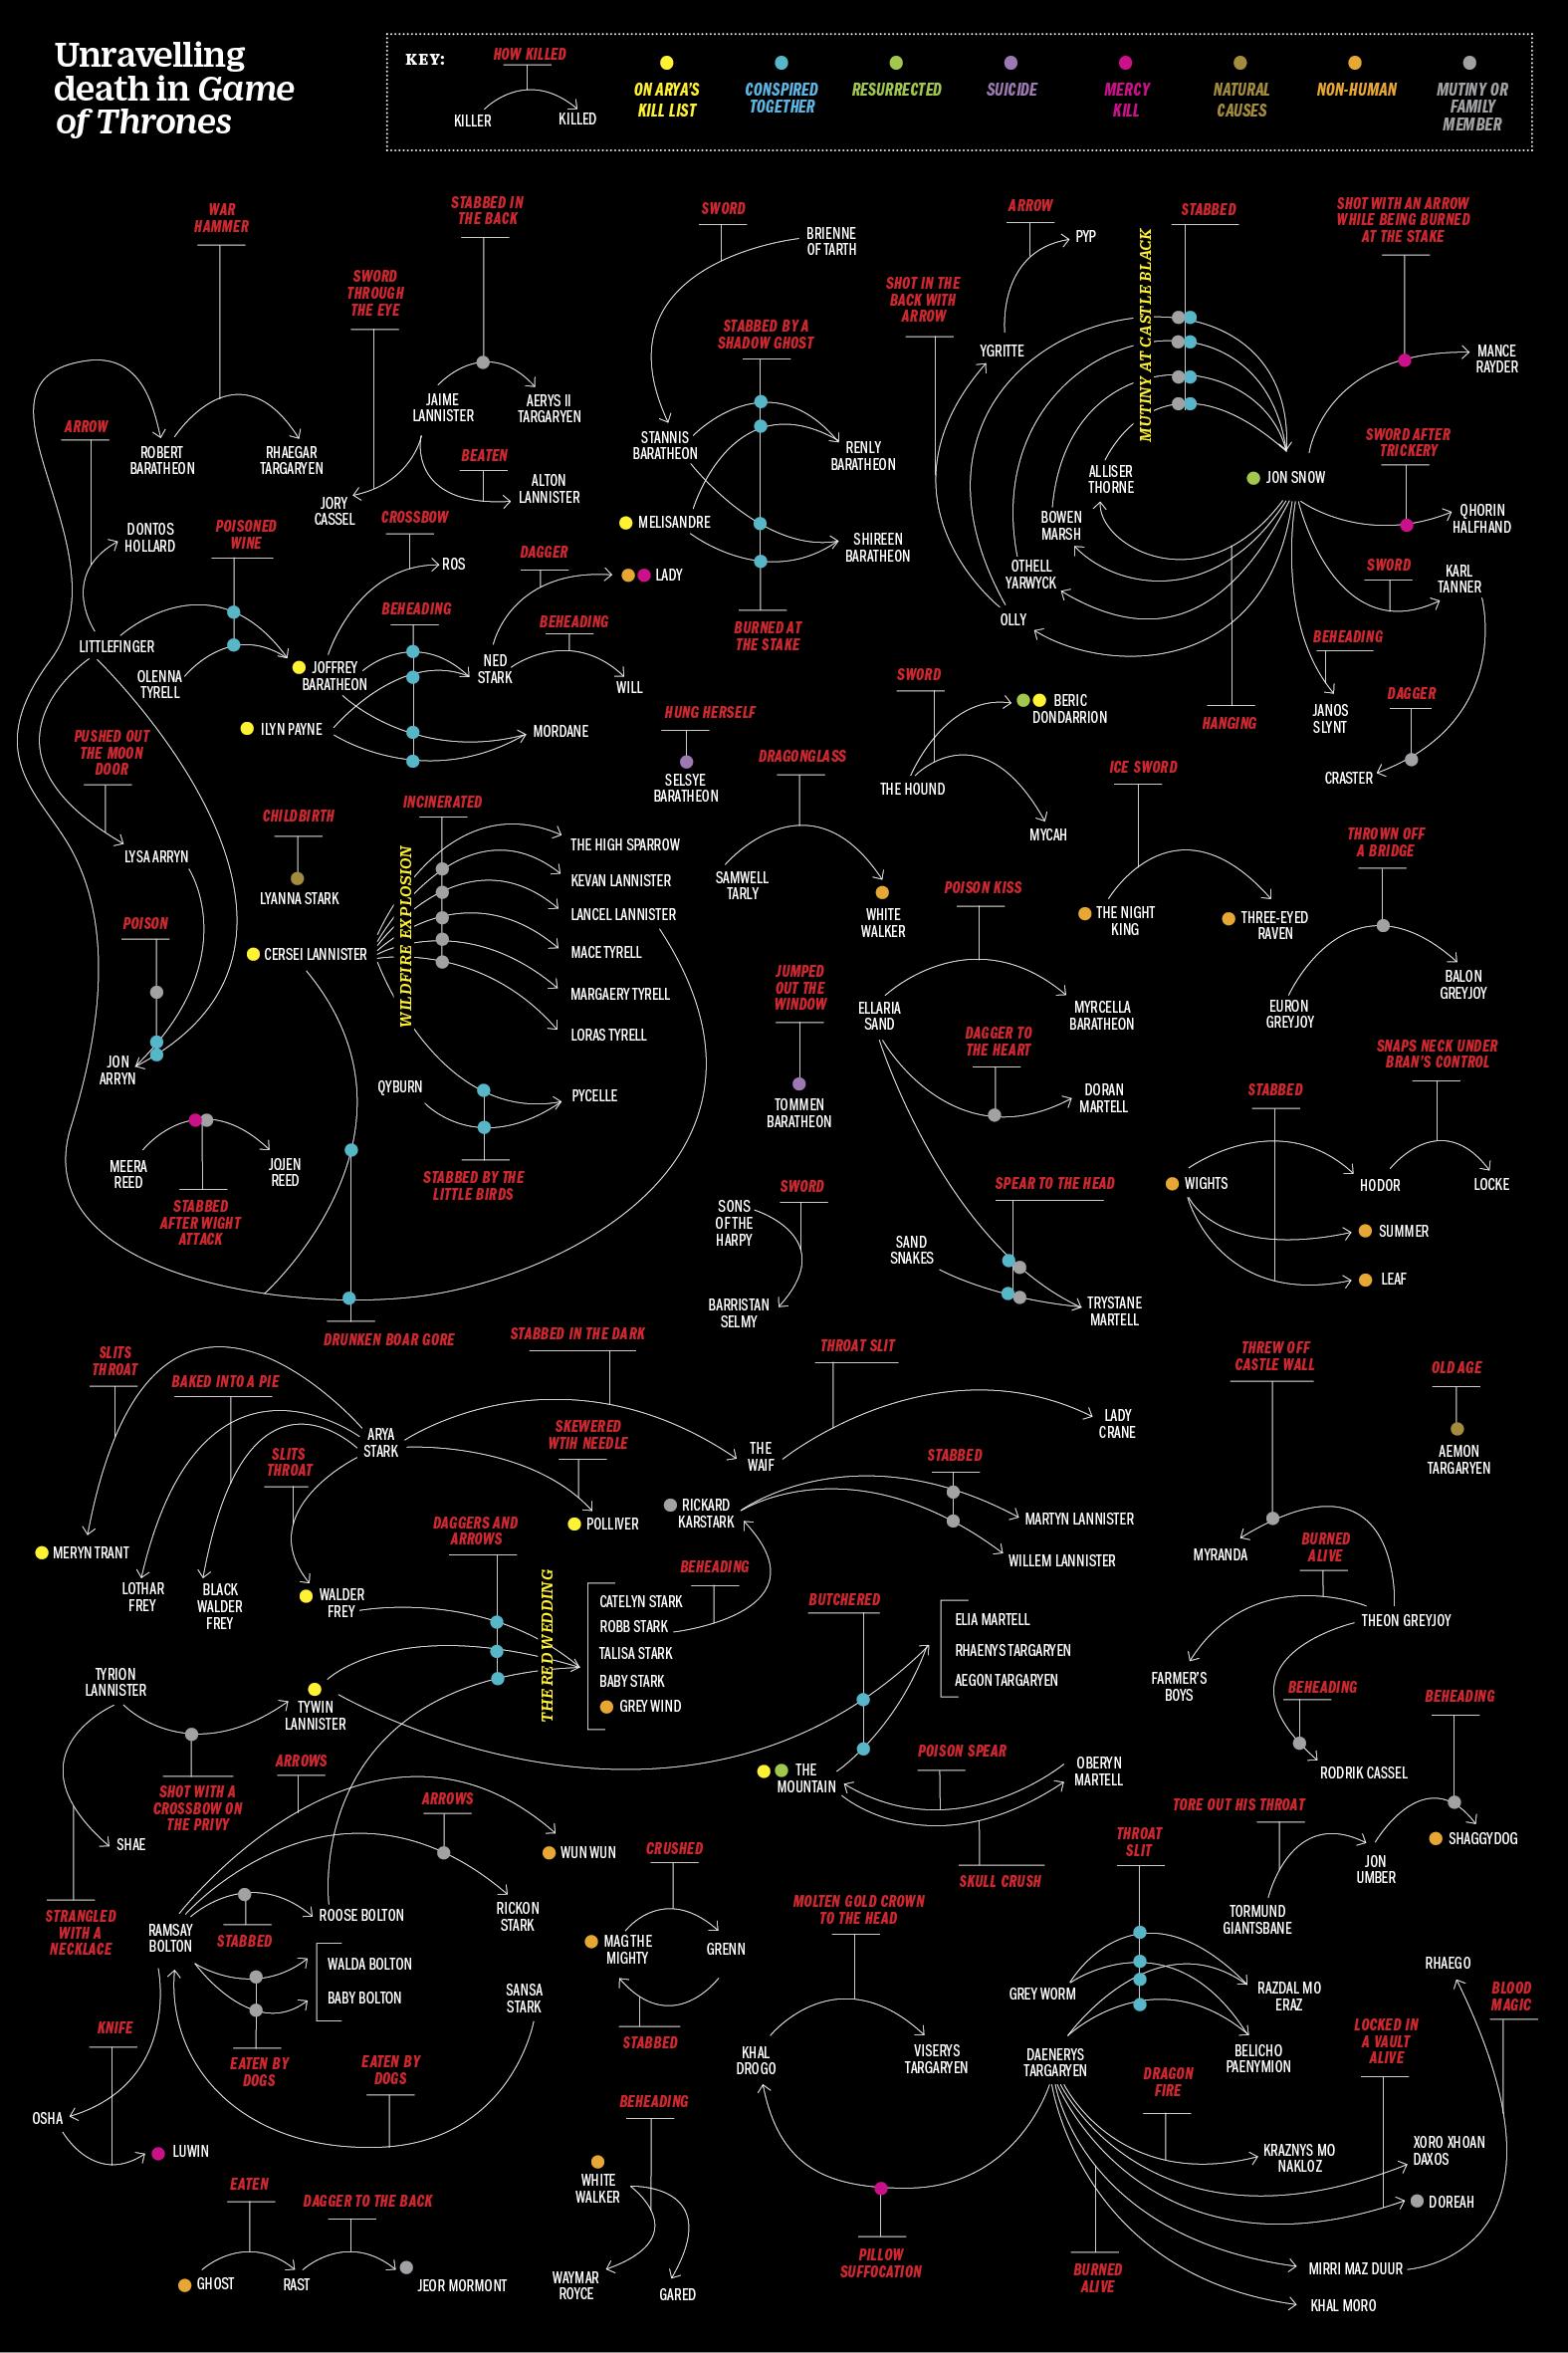 Инфографика: Кто и как умер в Игре Престолов